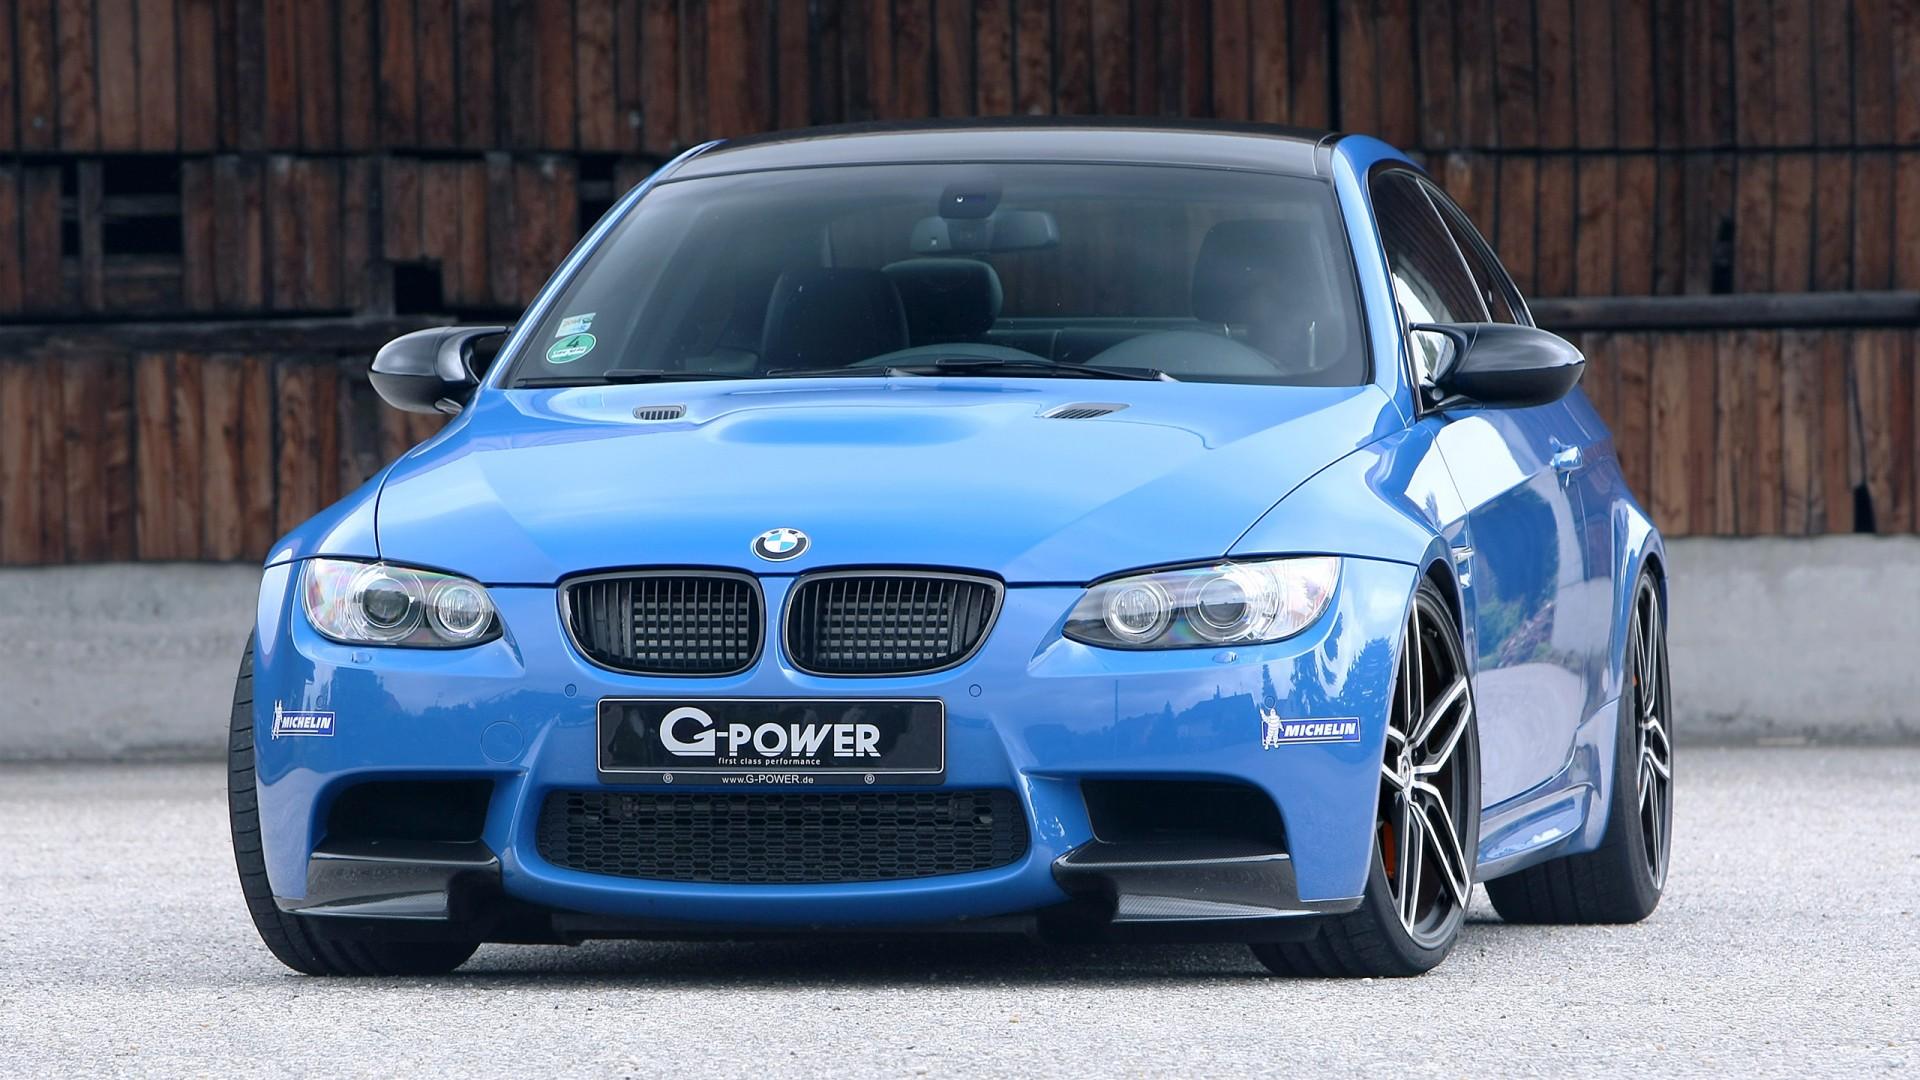 Bmw M3 Hd Wallpaper: 2015 G Power BMW M3 Wallpaper